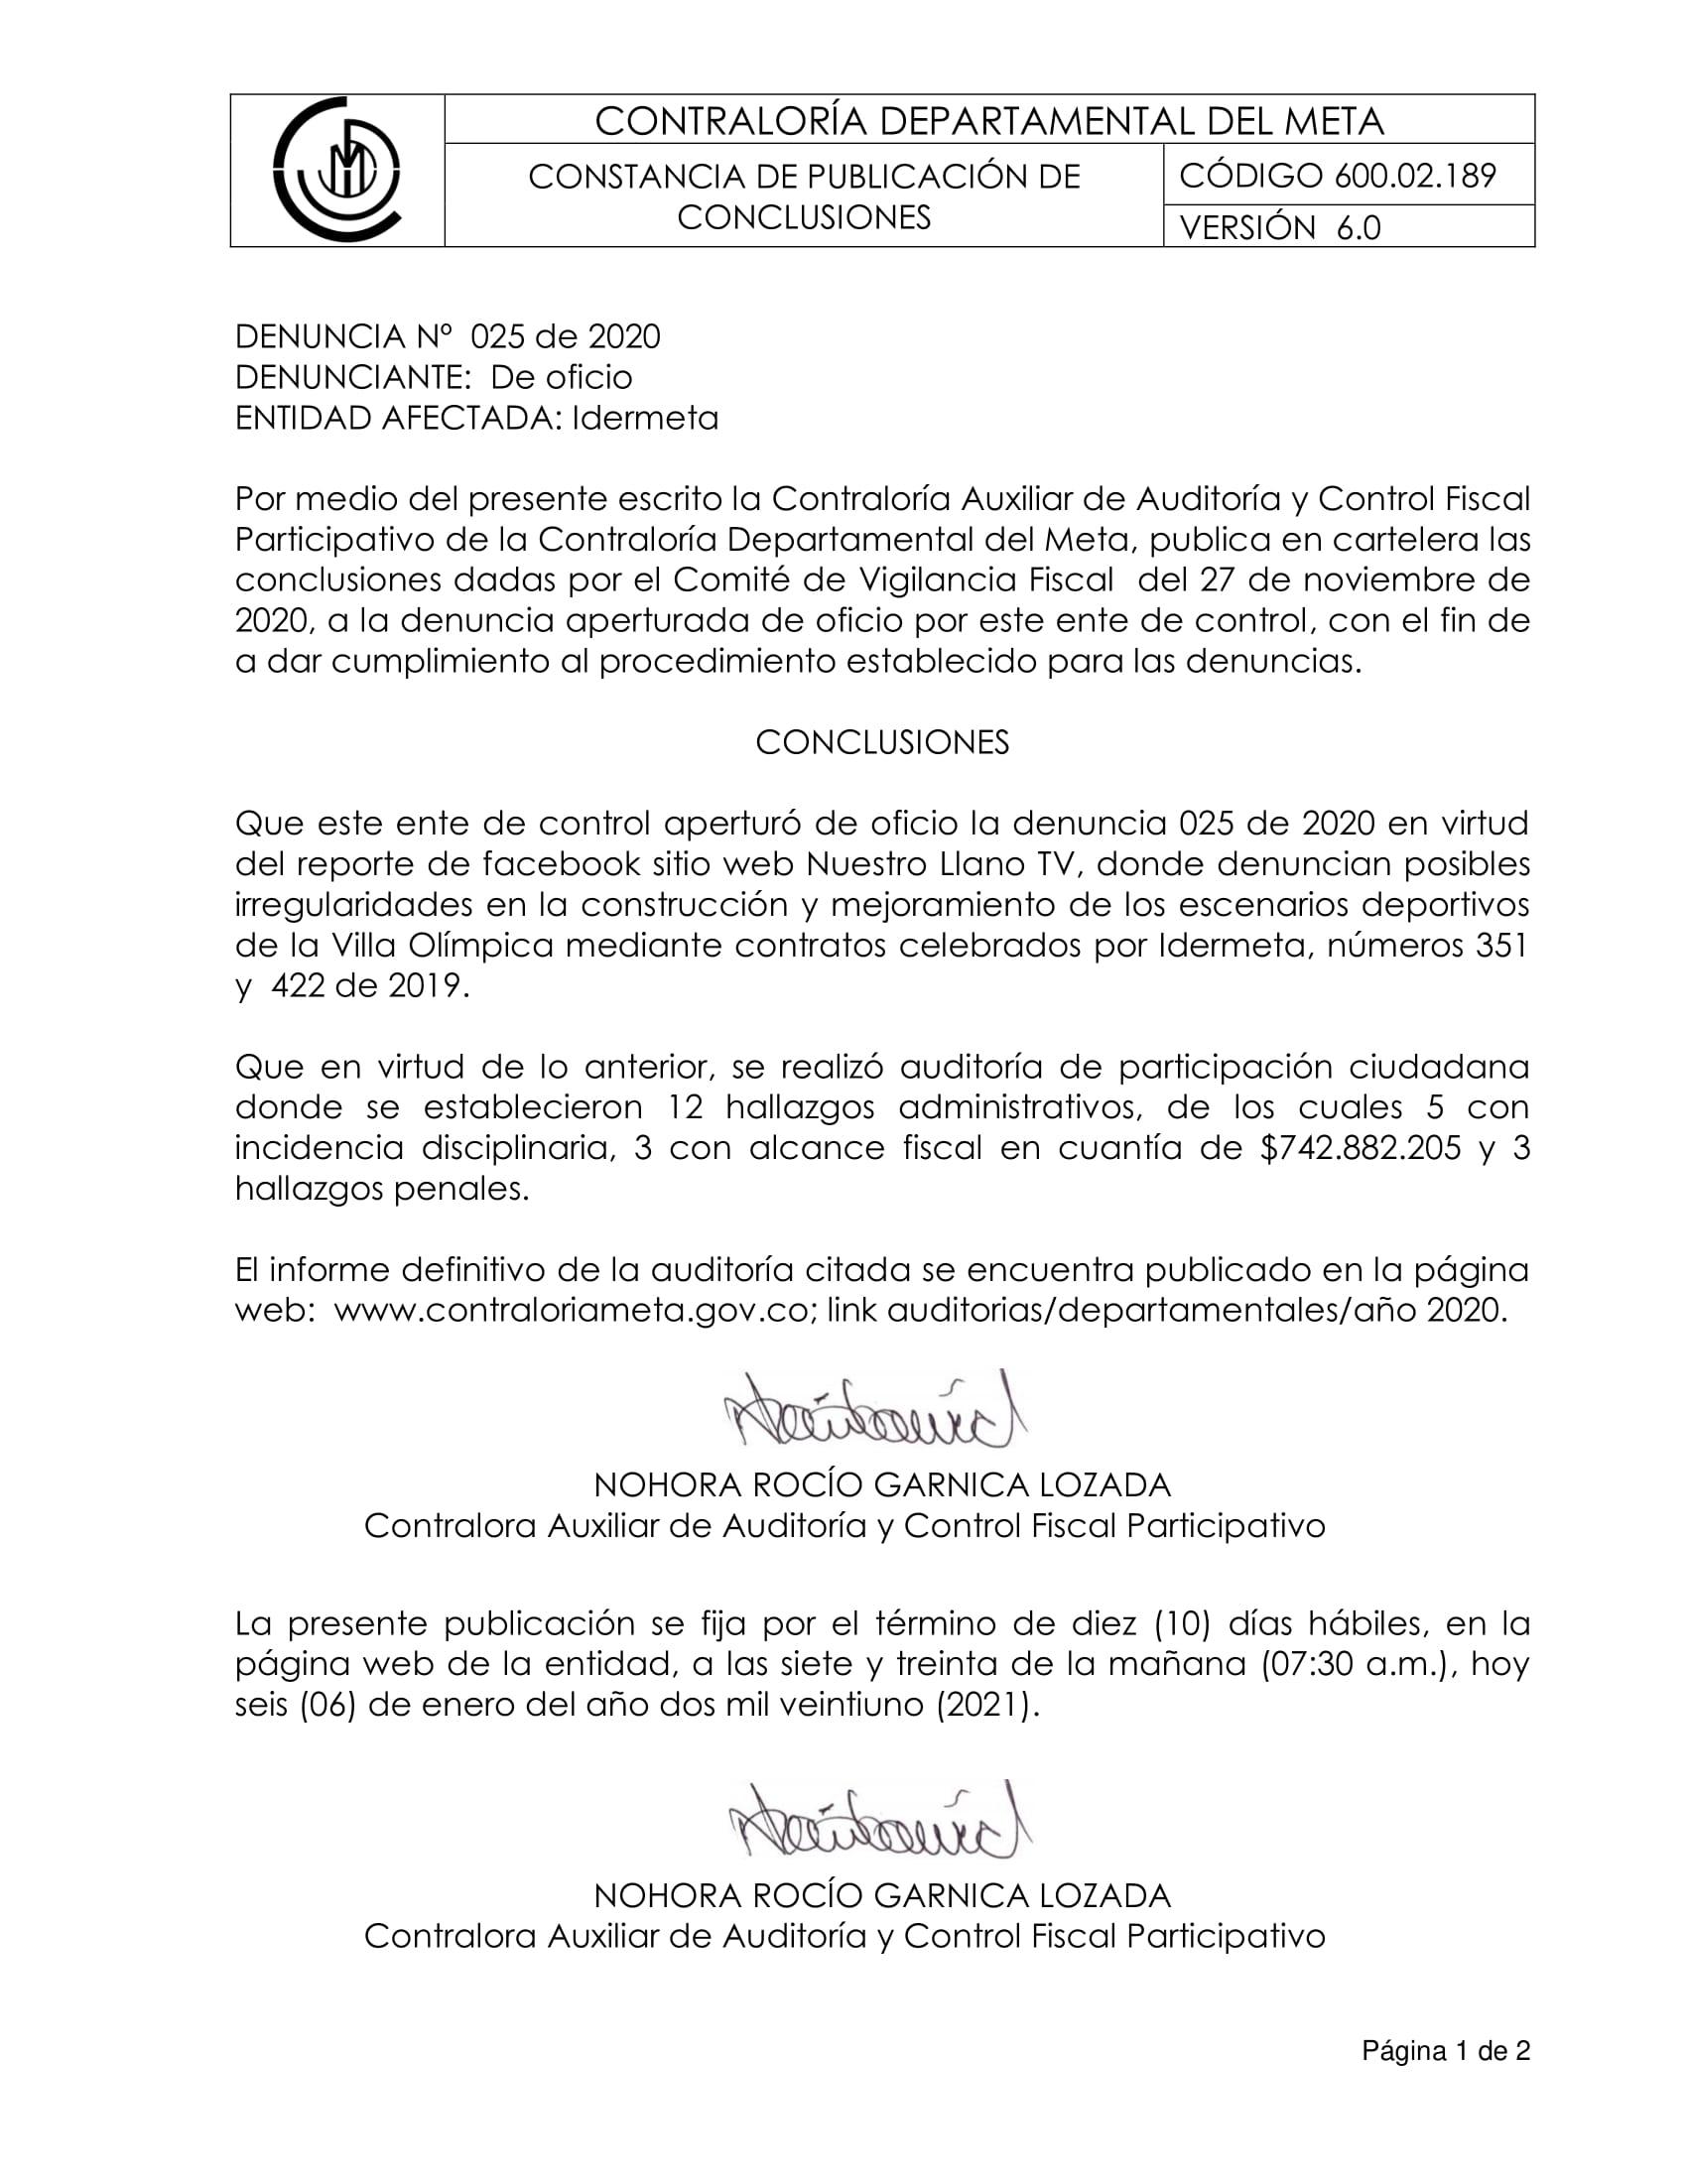 600-02-189_constancia_de_publicacion_de_conclusiones_v6-6-1